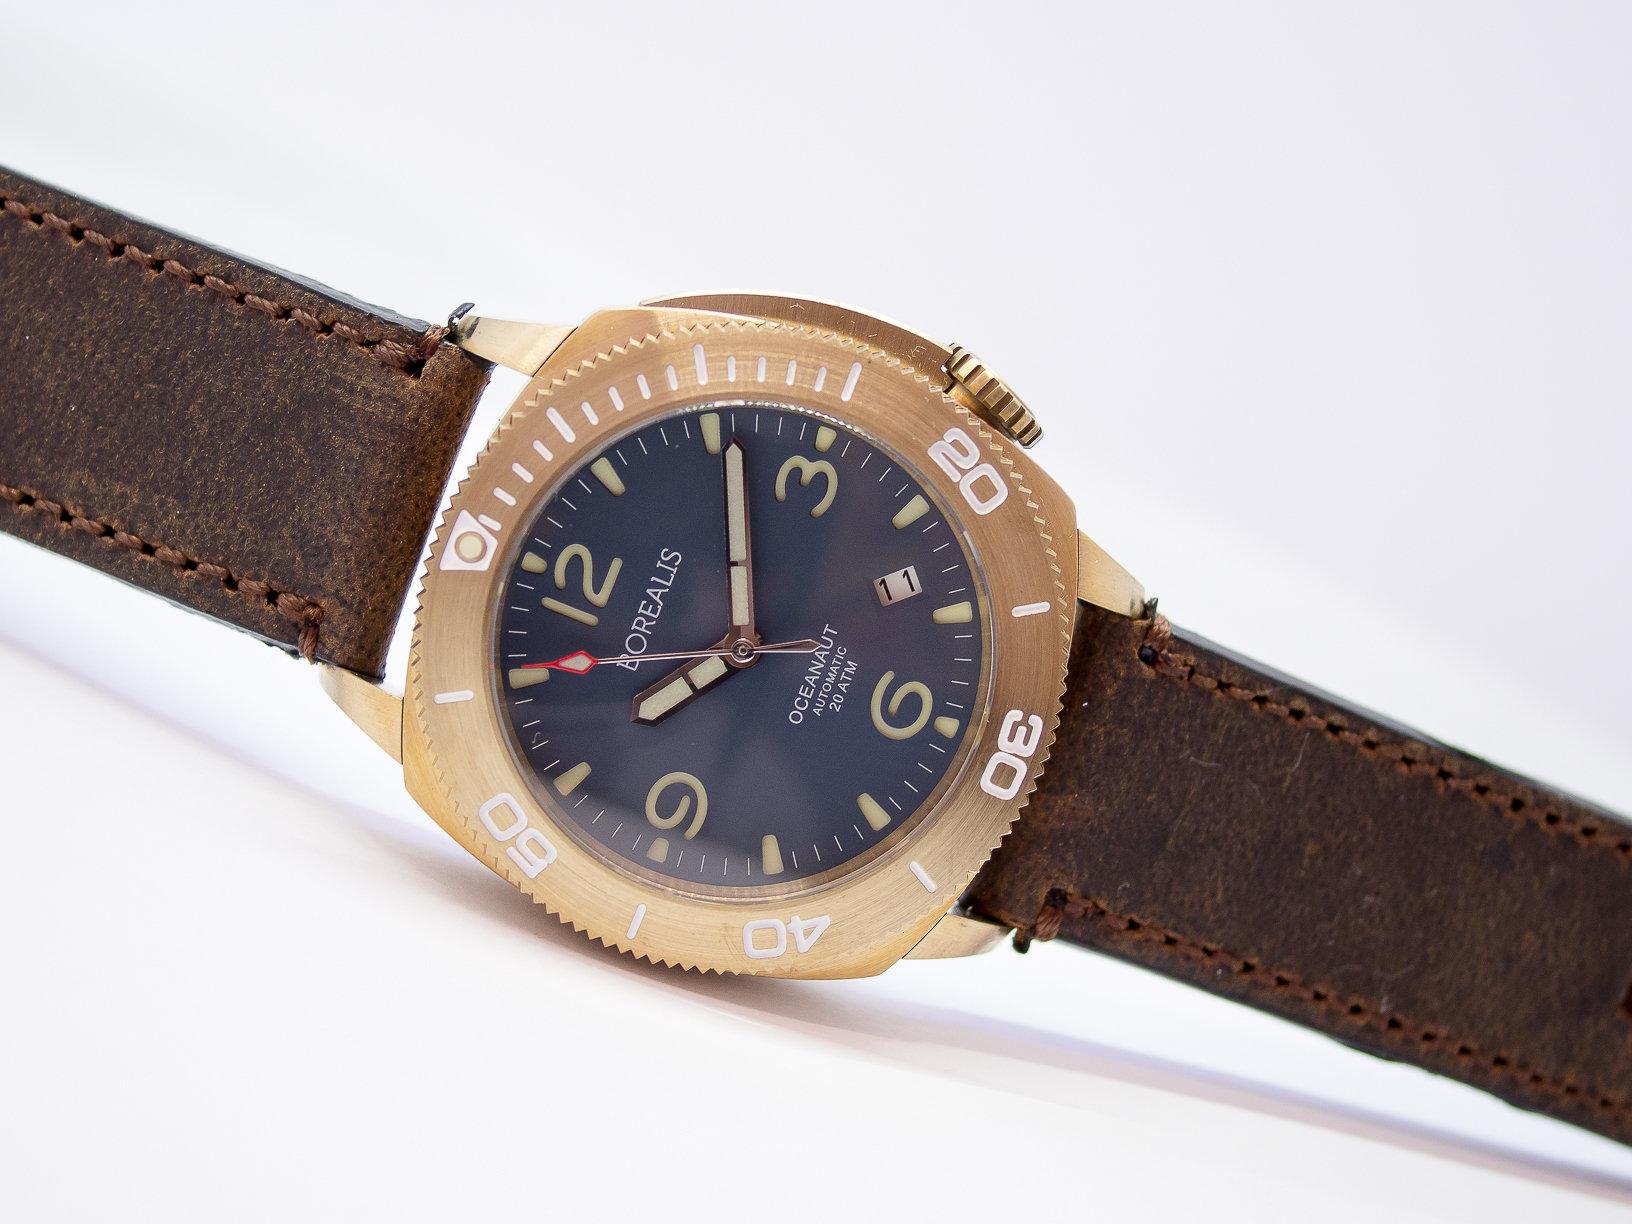 Borealis Oceanaut Aluminum Bronze Teal Blue Date 200m NH35 Automatic Diver Watch BOCEANAUTBLUEDT